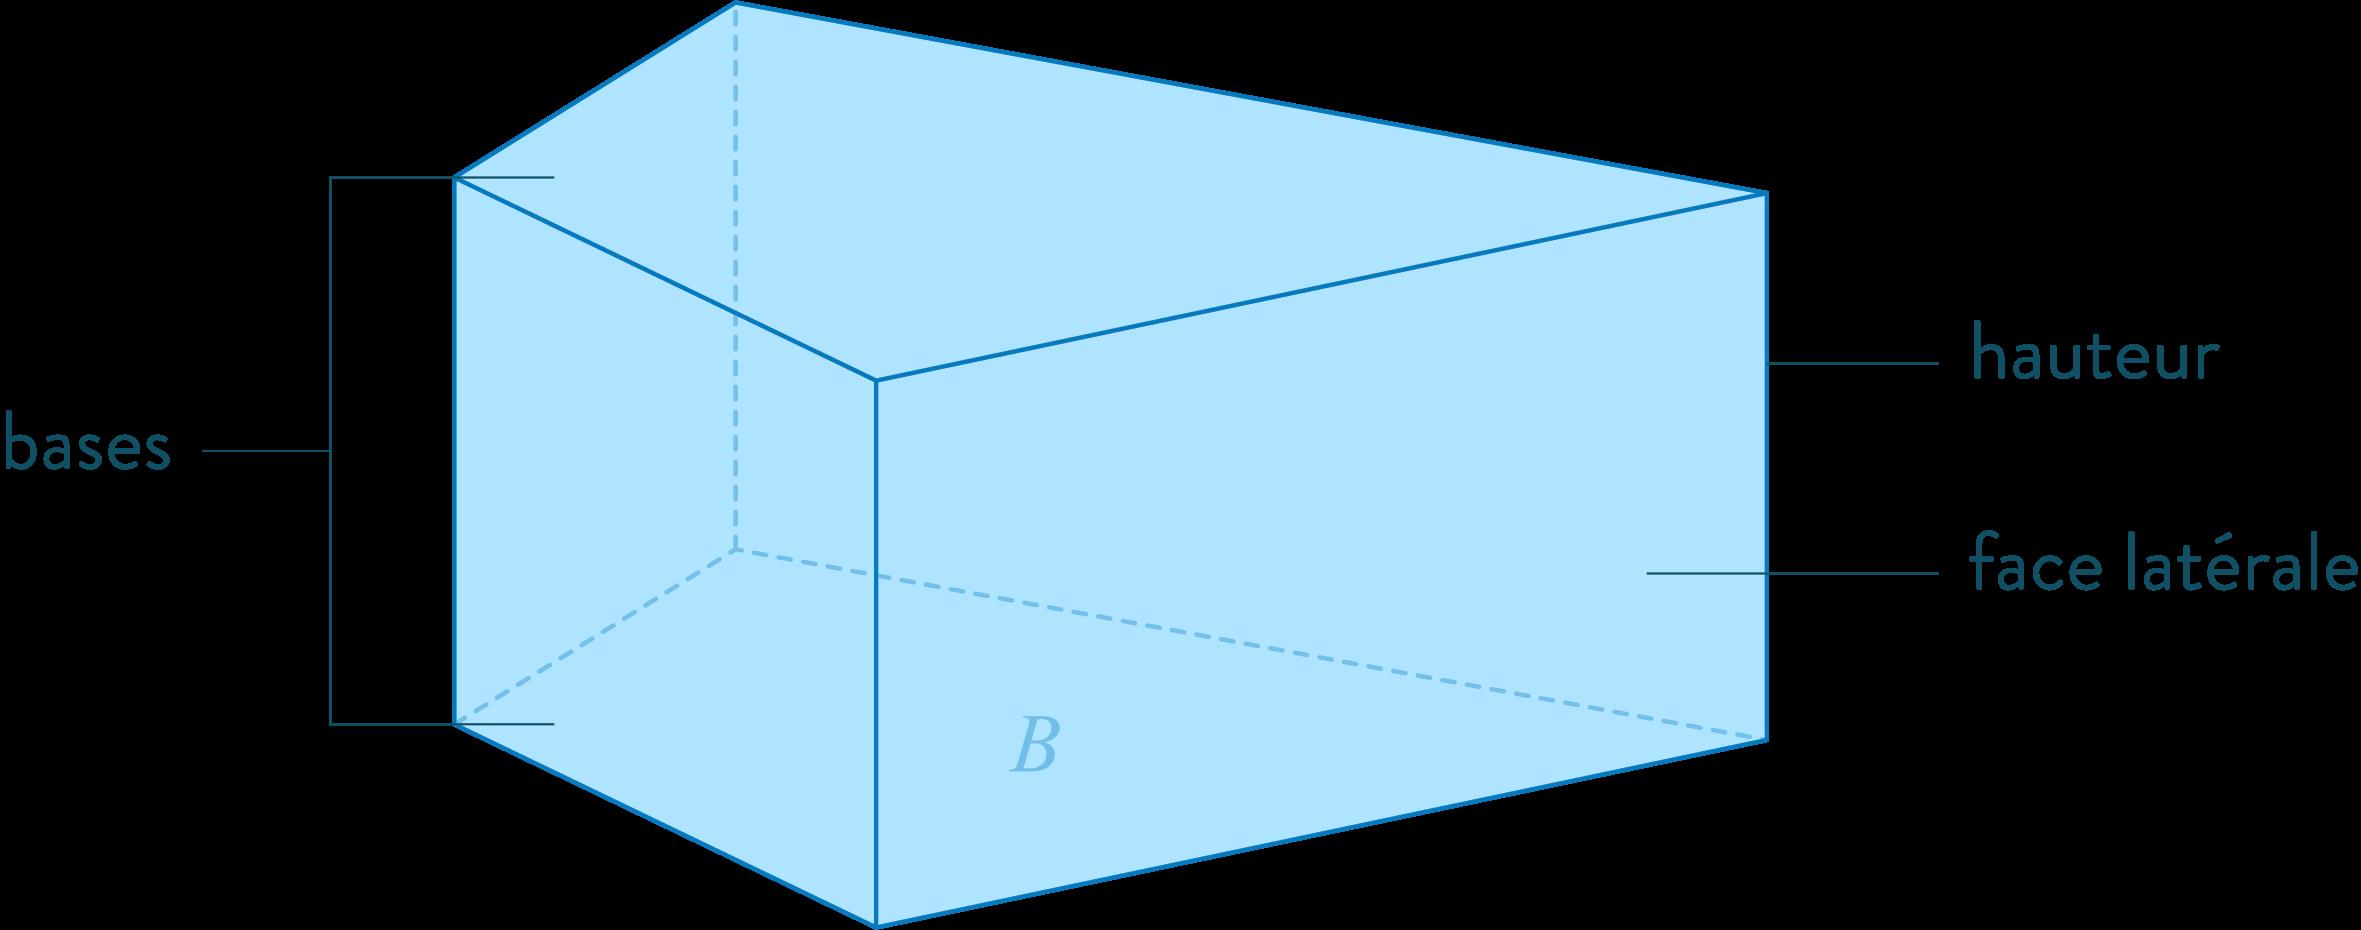 prisme droit solides mathématiques cinquième